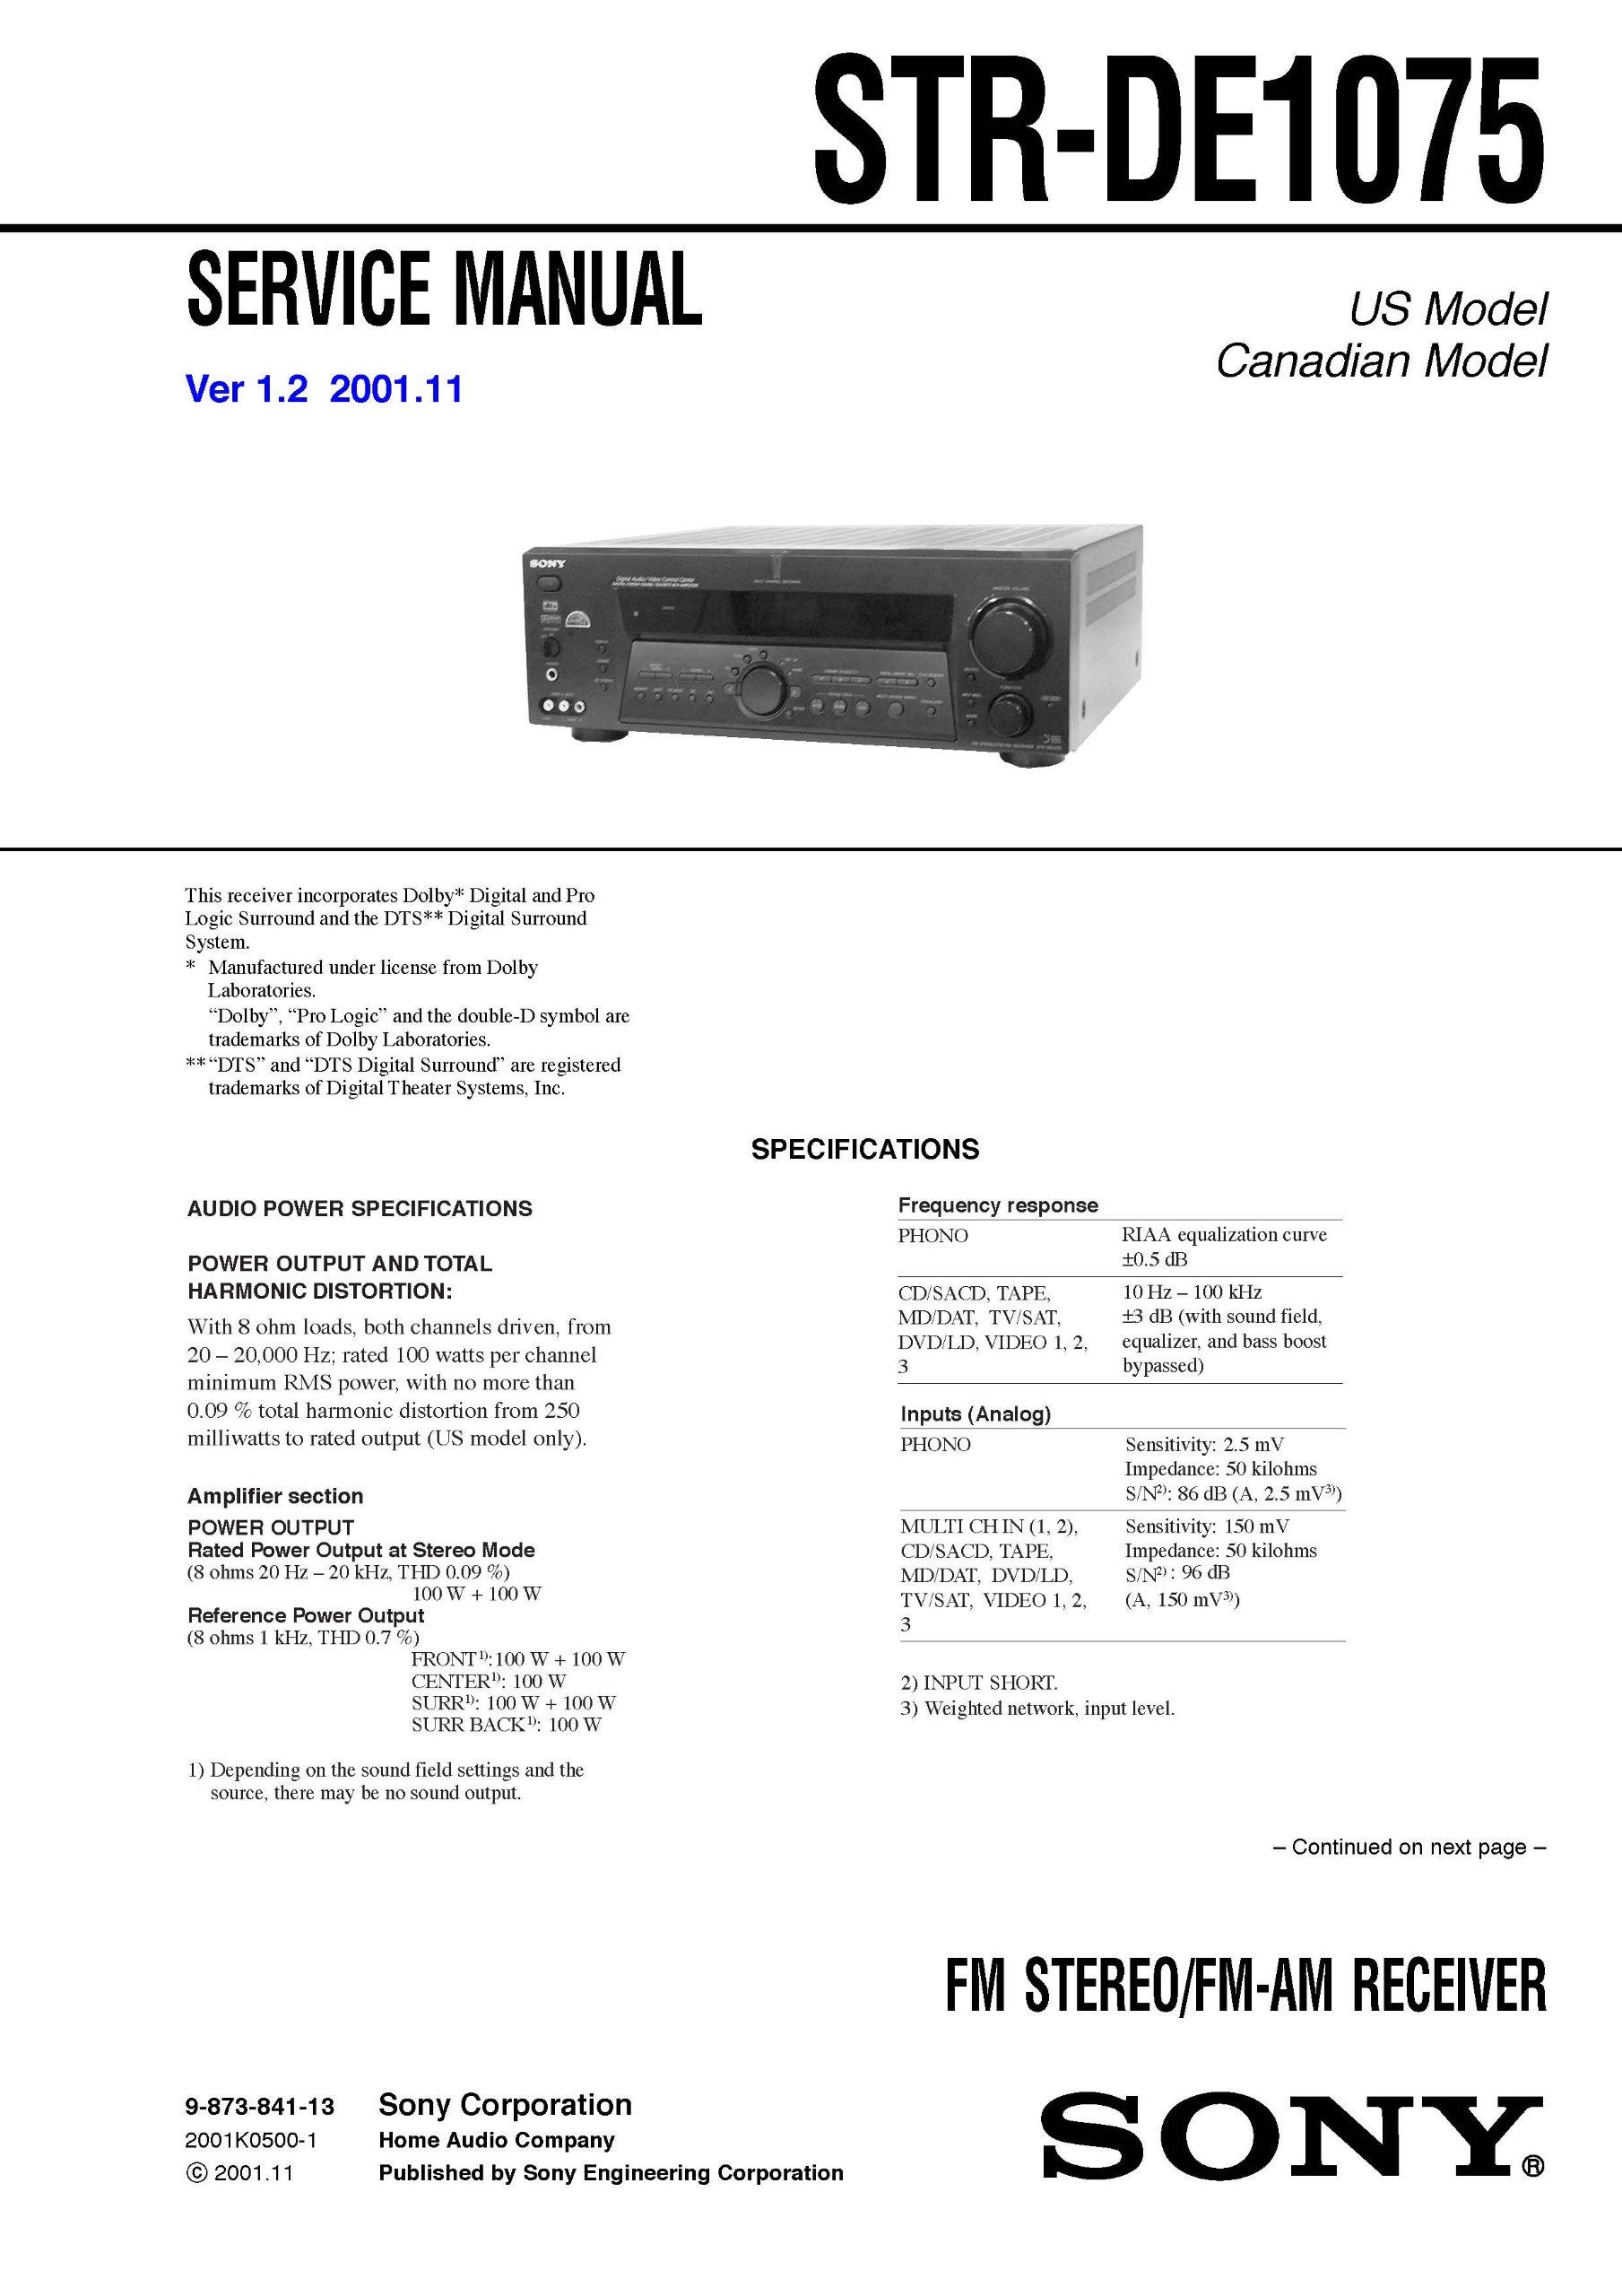 sony strde1075 str de1075 service manual sony amazon com books rh amazon com Sony STR K7000 Sony STR K7000